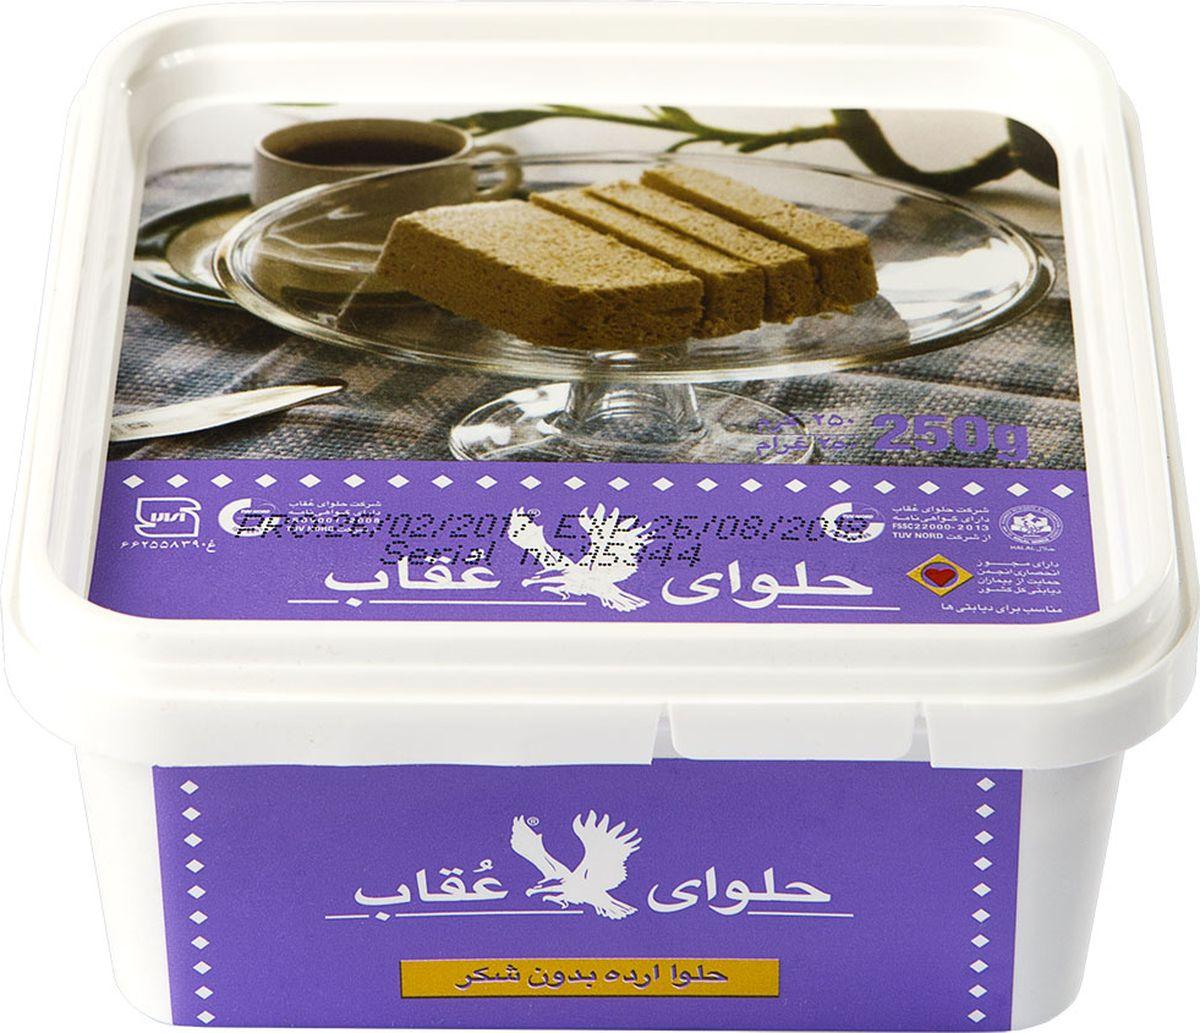 Oghab халва кунжутная без сахара, 250 г6260008904913Кунжутная халва КомпанииOghab изготавливается на основе мякоти кунжутного семени, что придает данному лакомству интересную горчинку и изысканное послевкусие. Несомненна и польза халвы - продукт способен насытить наш организм цинком и марганцем, в нем также много меди, фосфора и кальция. Кроме того данное лакомство имеет в своем составе железо, аскорбиновую кислоту, витамины F, В1 и Е.